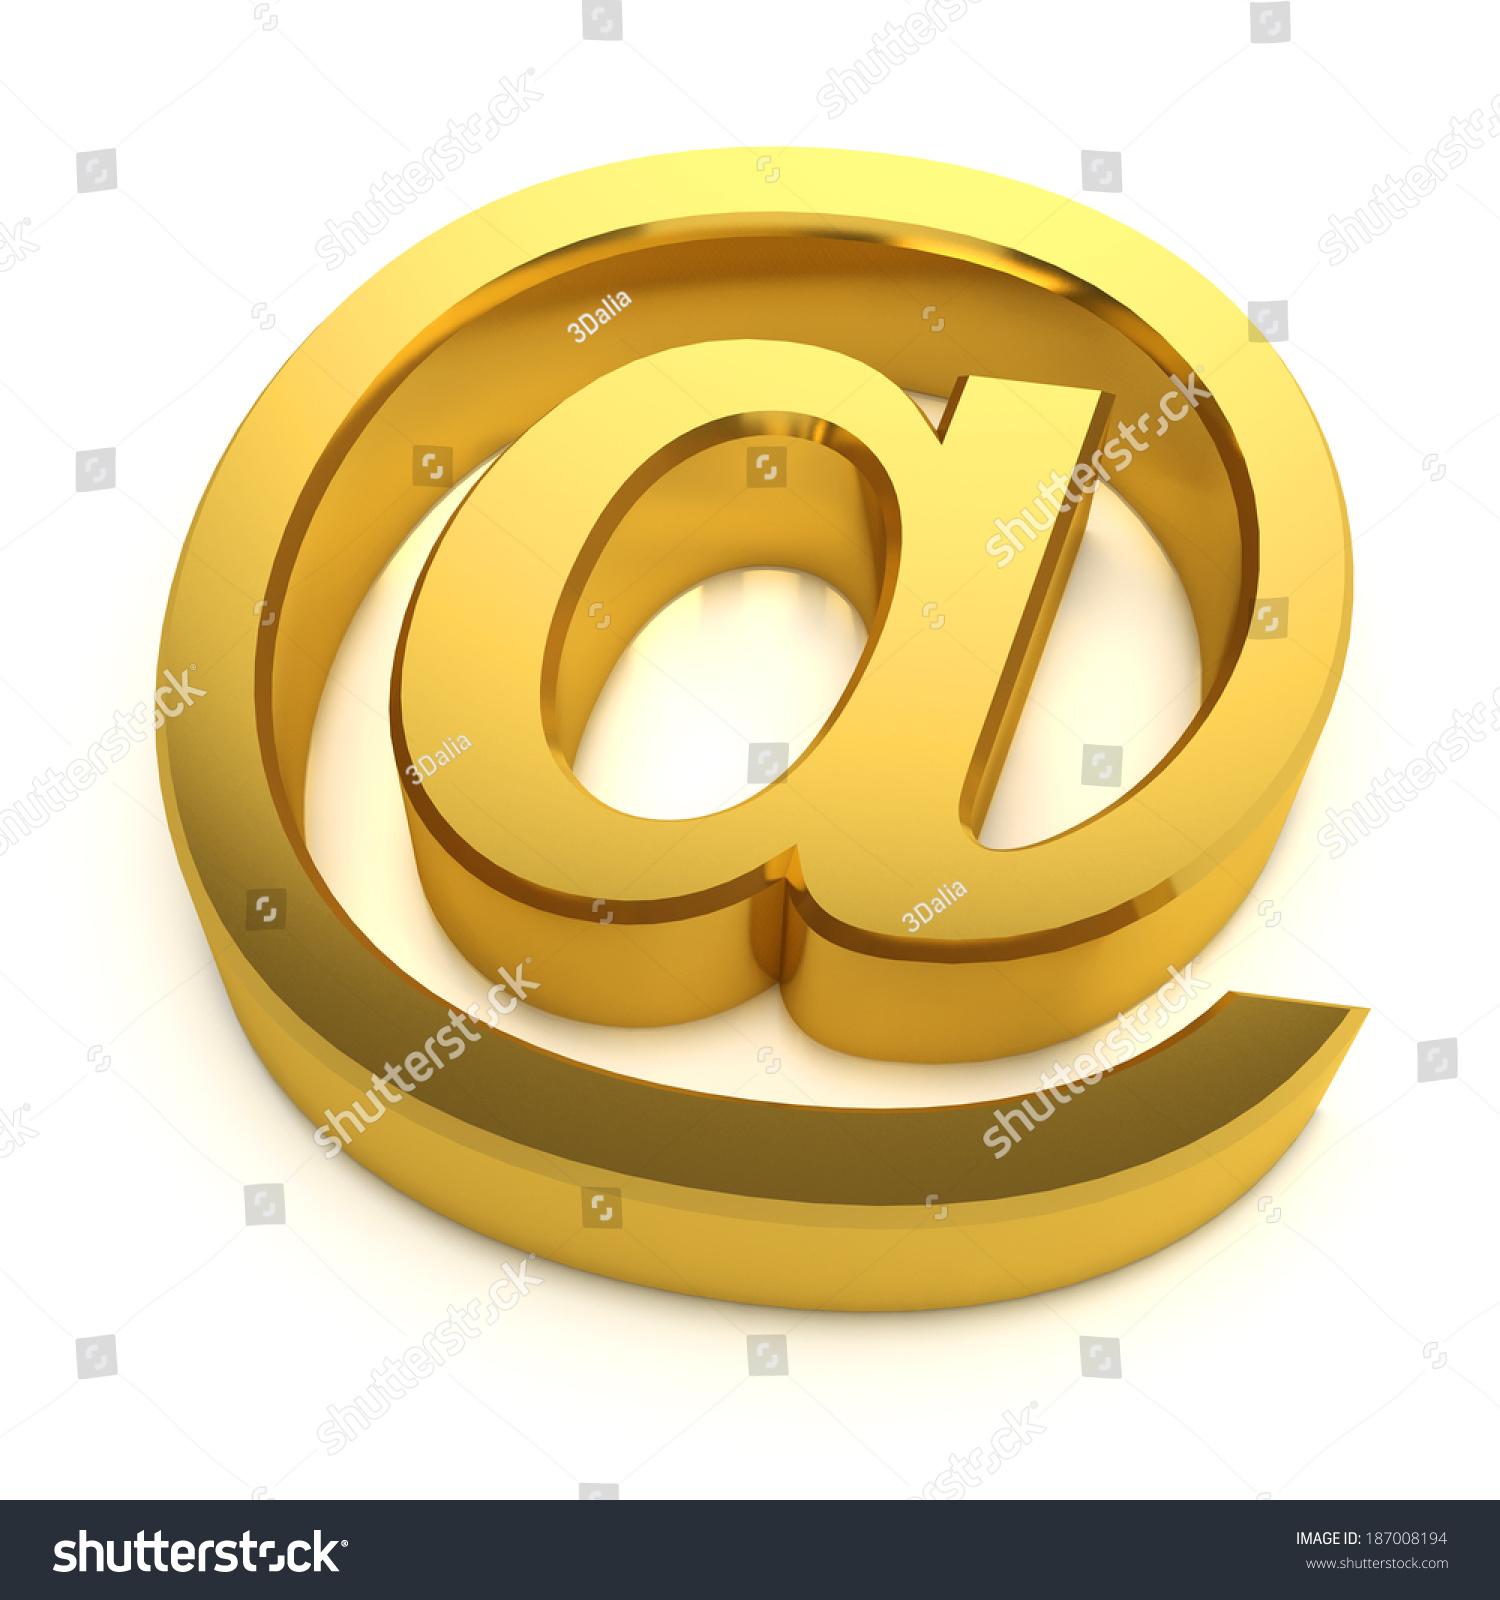 3 D Render Golden Email Address Symbol Stock Illustration Royalty